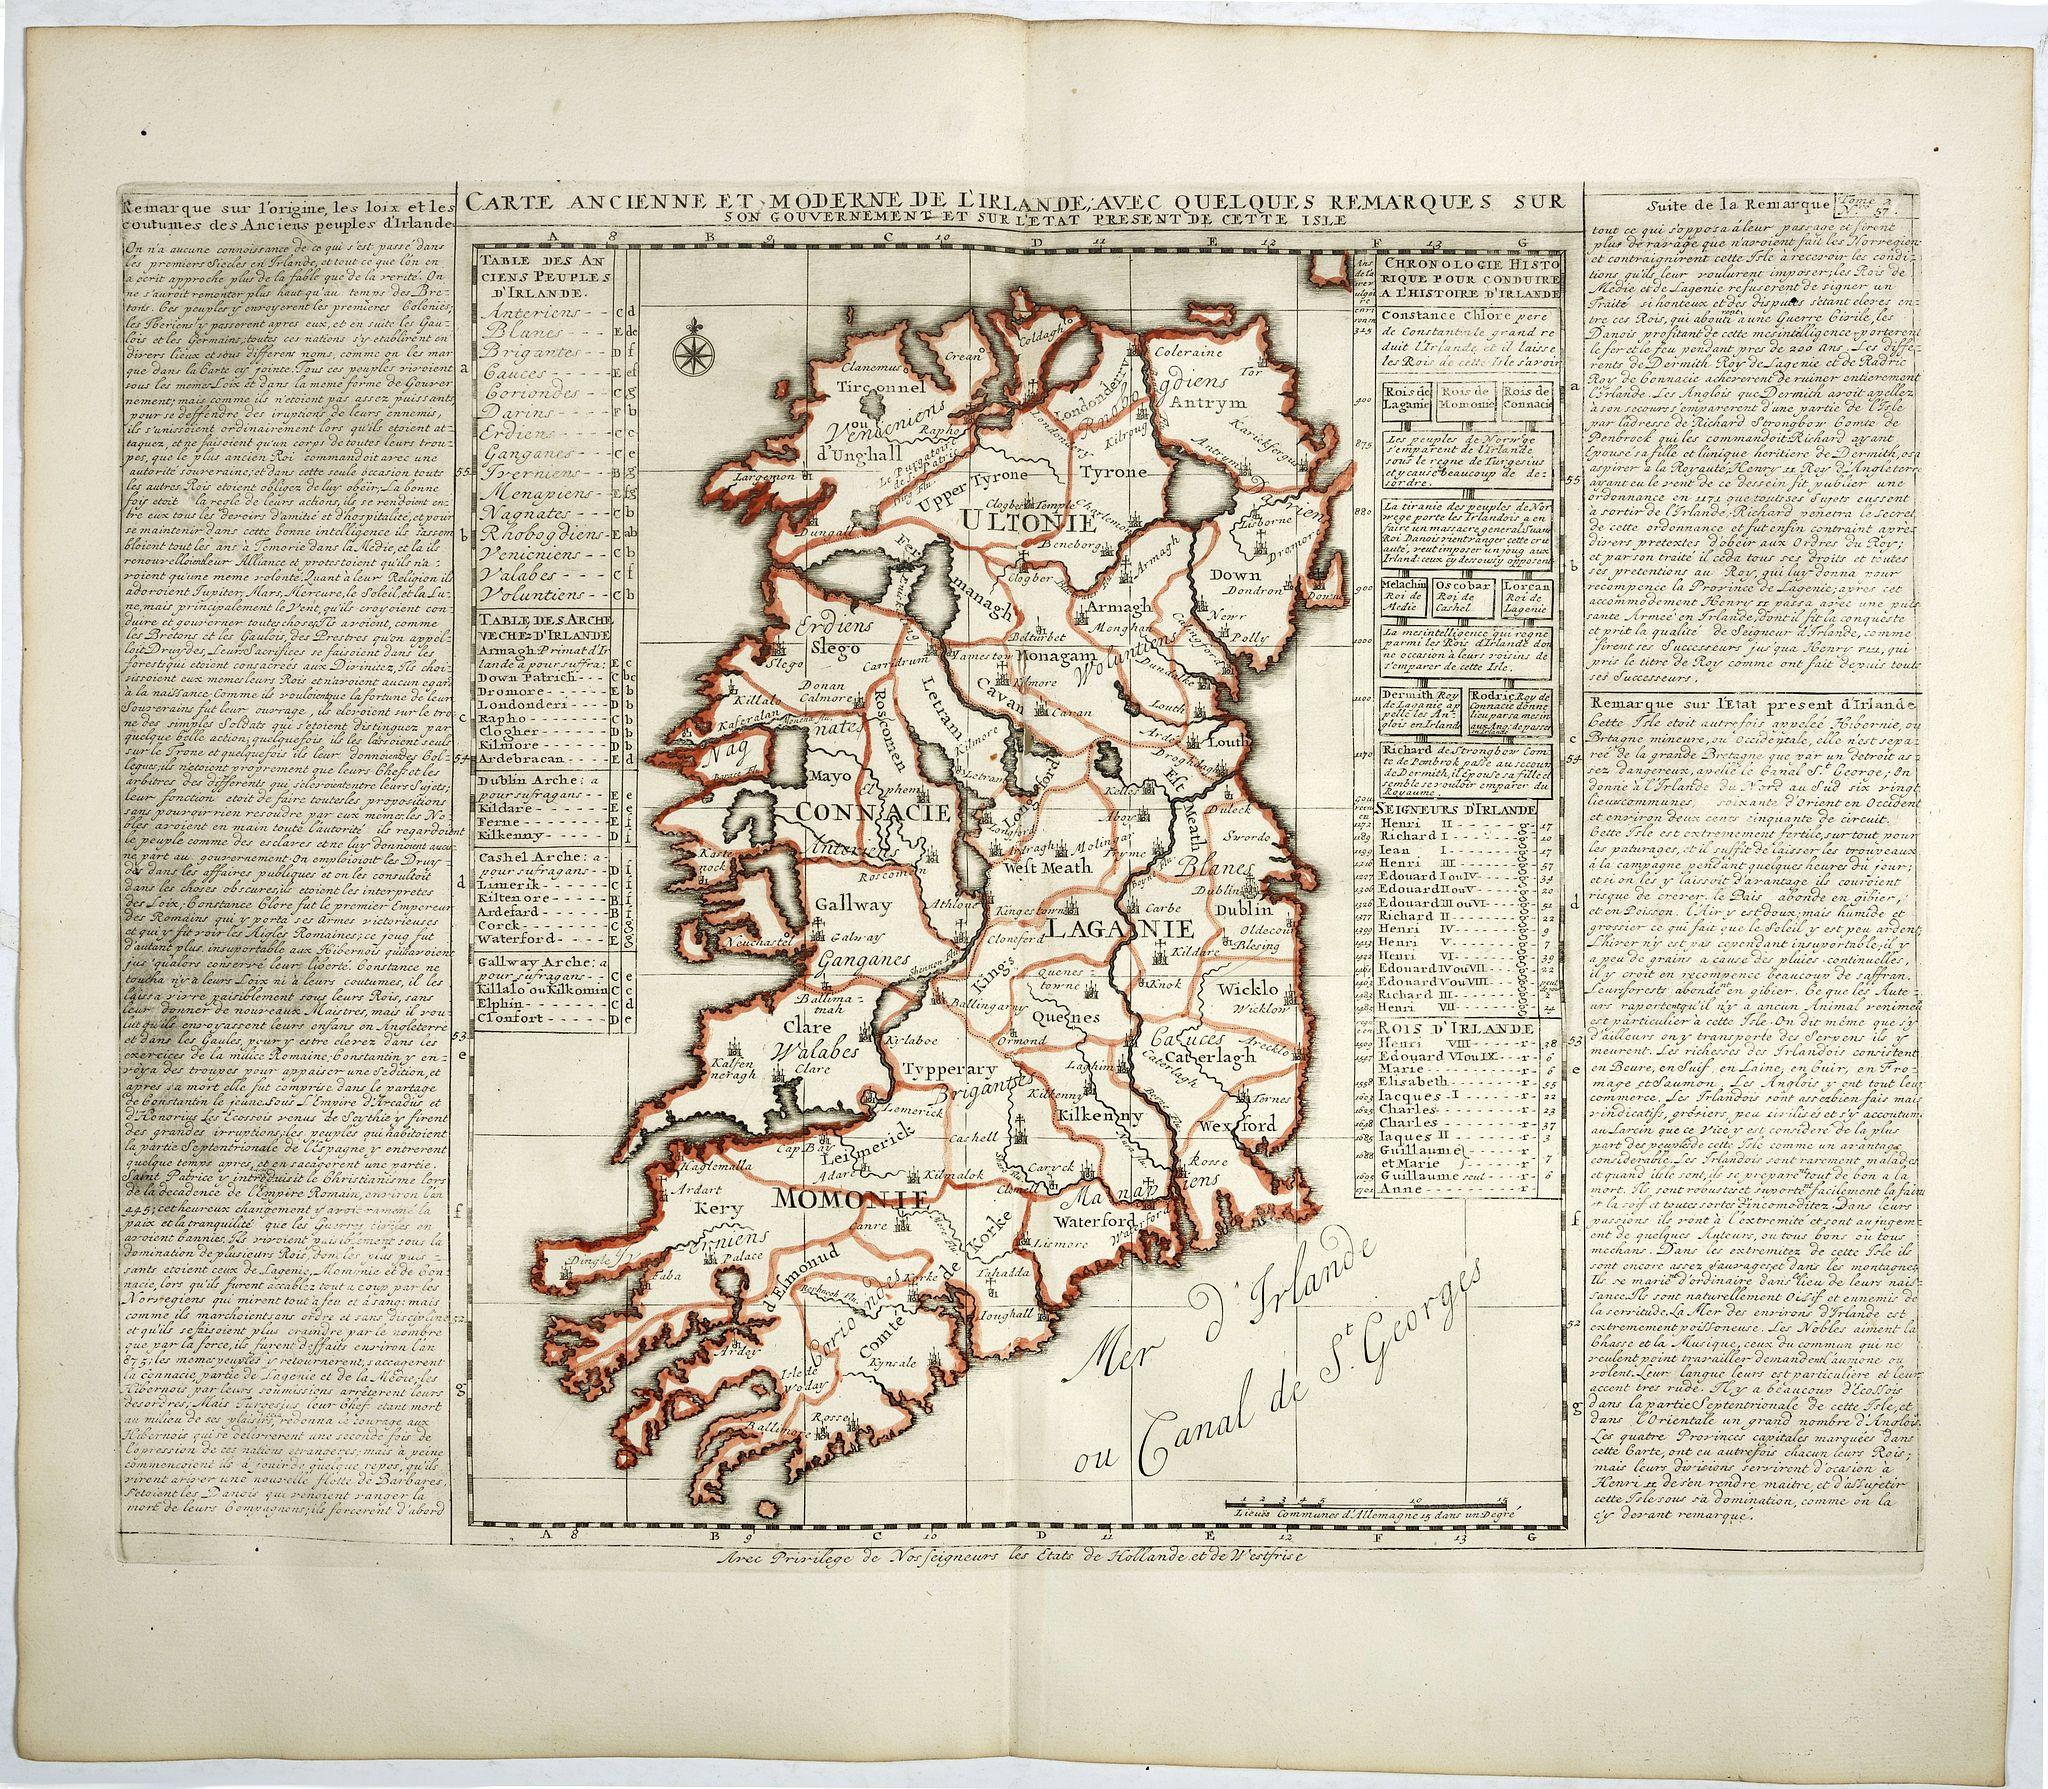 CHATELAIN, H. -  Carte ancienne et moderne de l'Irlande, avec quelques remarques sur son gouvernement . . .